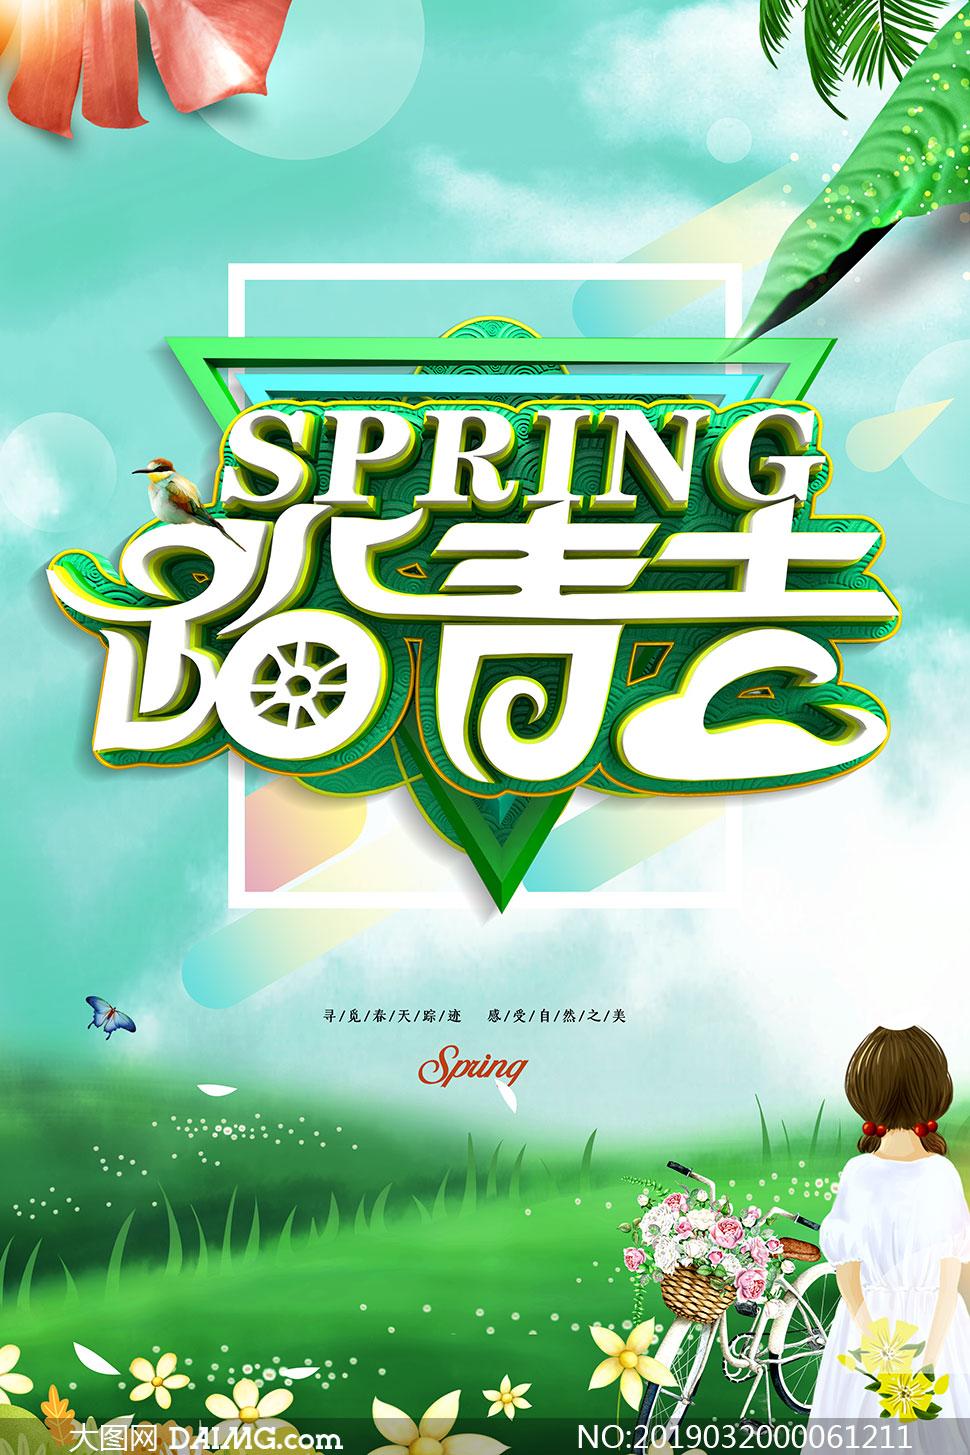 春季踏青去宣傳海報設計PSD素材